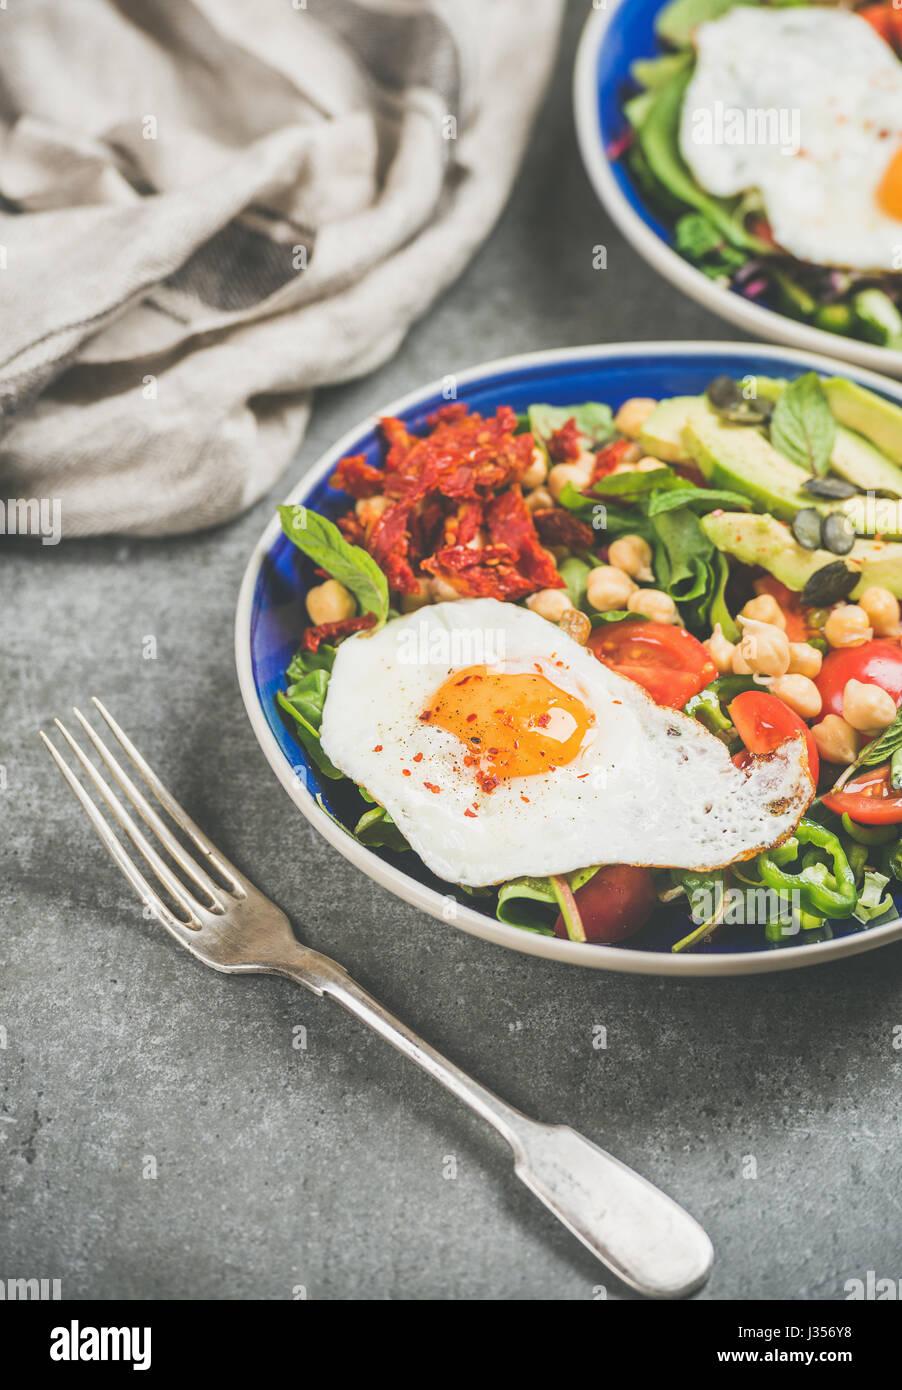 Le petit-déjeuner végétarien concept avec œuf frit, les pois chiches, les légumes, les graines Photo Stock